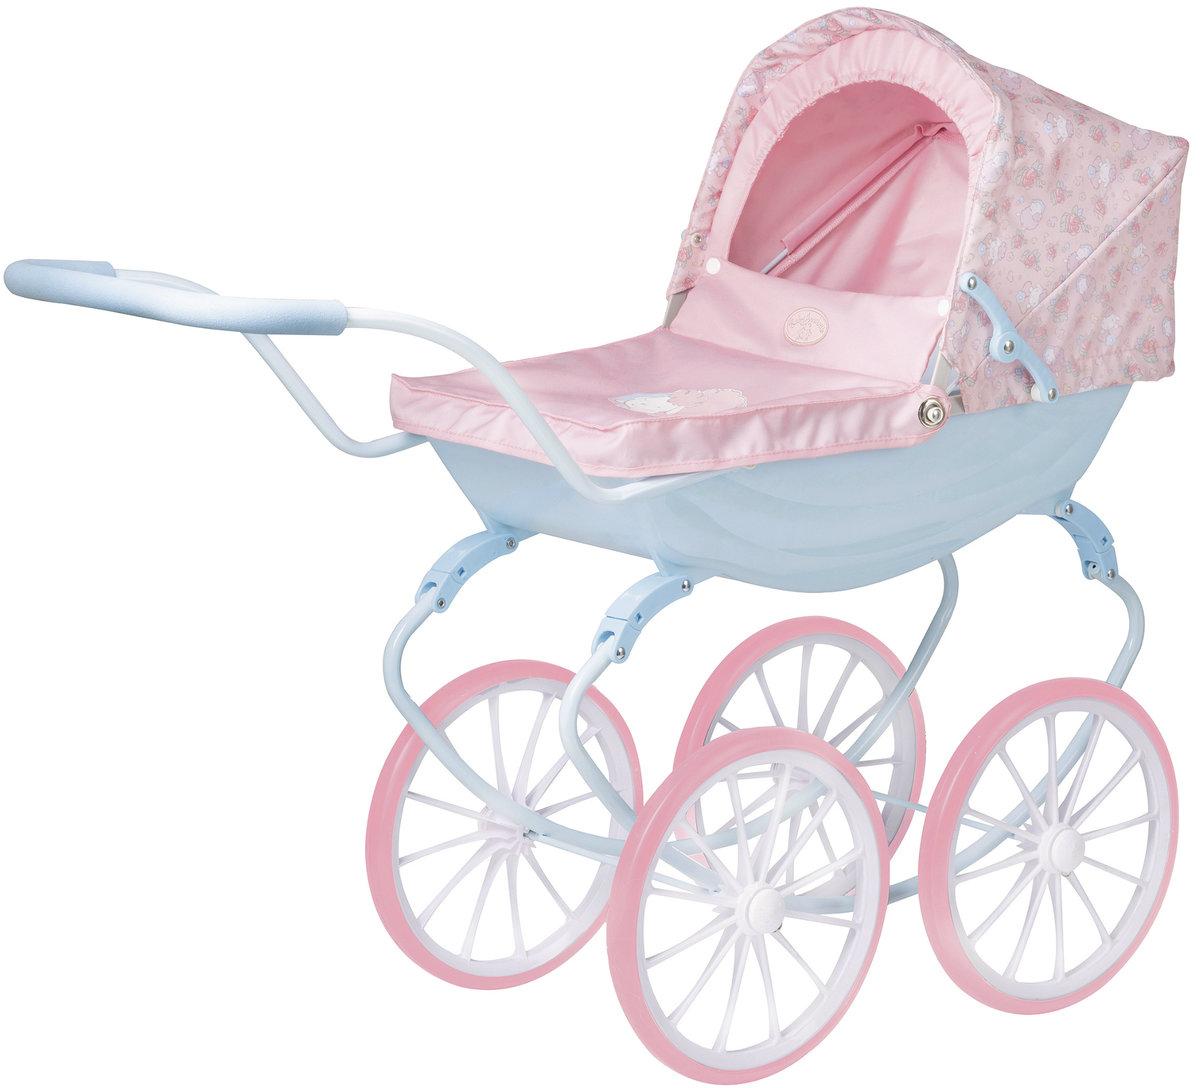 Рисуем, картинки коляски для беби бона